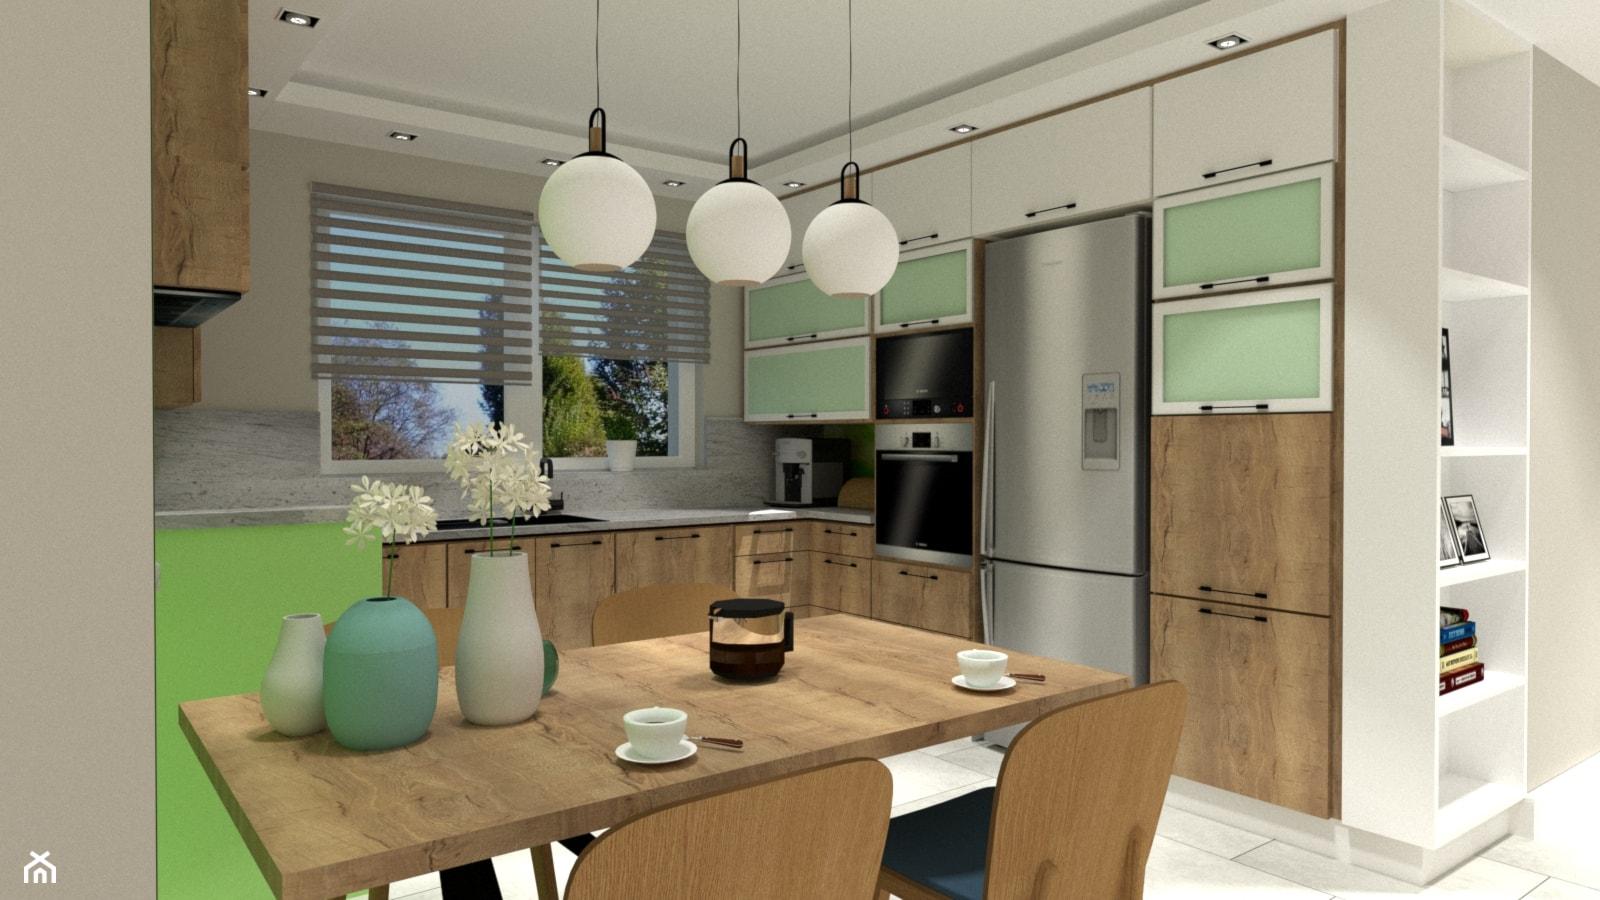 Kuchnia - zdjęcie od Projekt44 - Homebook